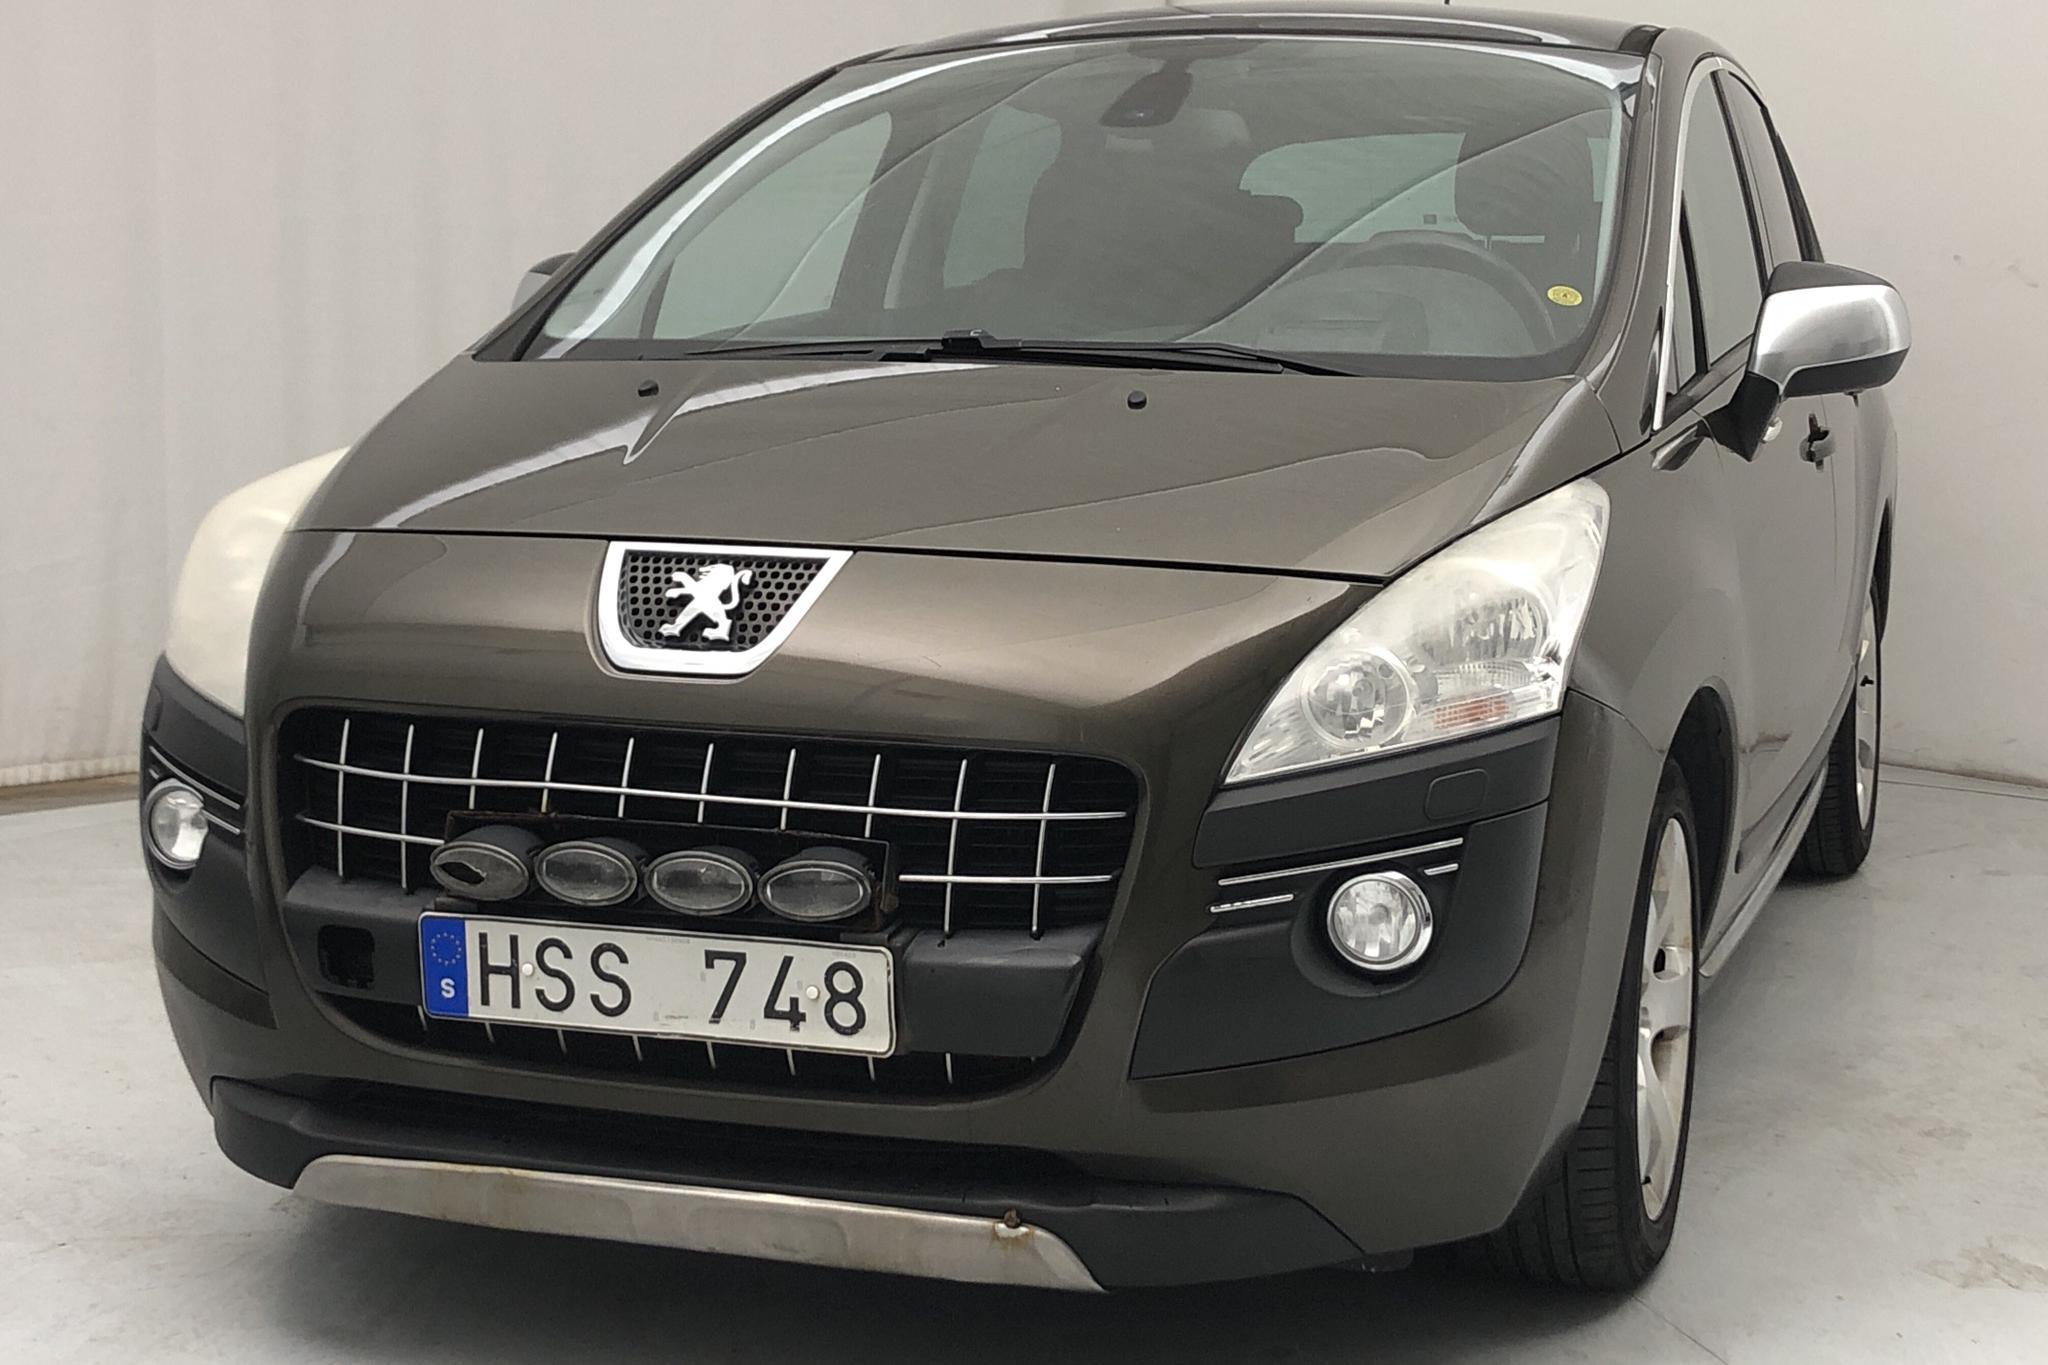 Peugeot 3008 2.0 HDi (163hk) - 31 417 mil - Automat - brun - 2010